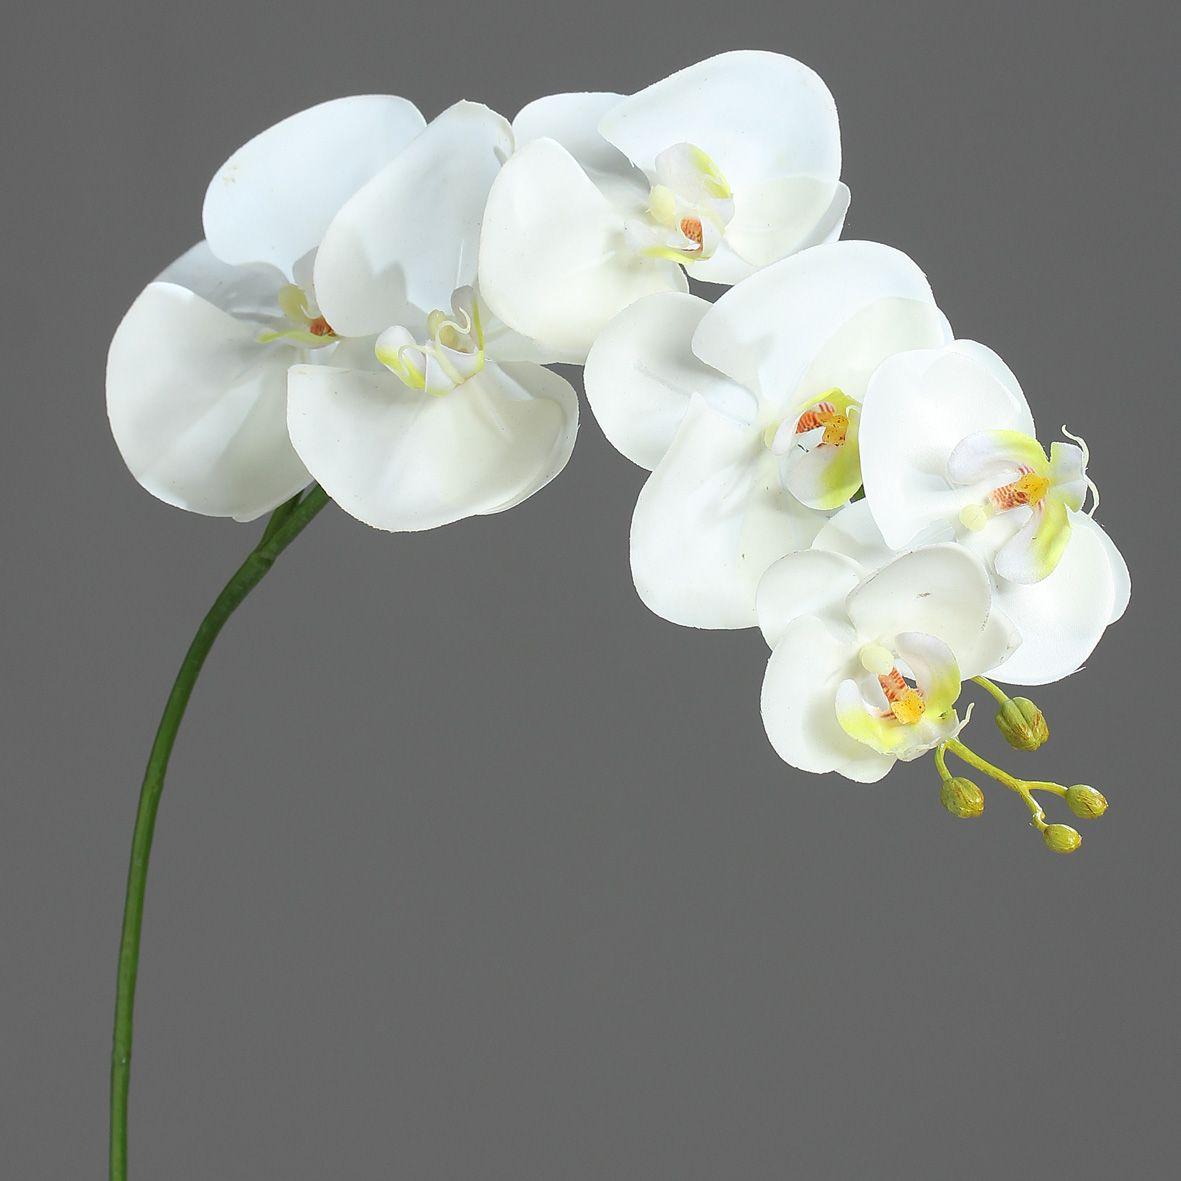 Orchidees Phalaenopsis Creme 6 Fleurons 81cm Infos Et Dimensions Orchidee Phalaenopsis Orchidee Orchidees Artificielles